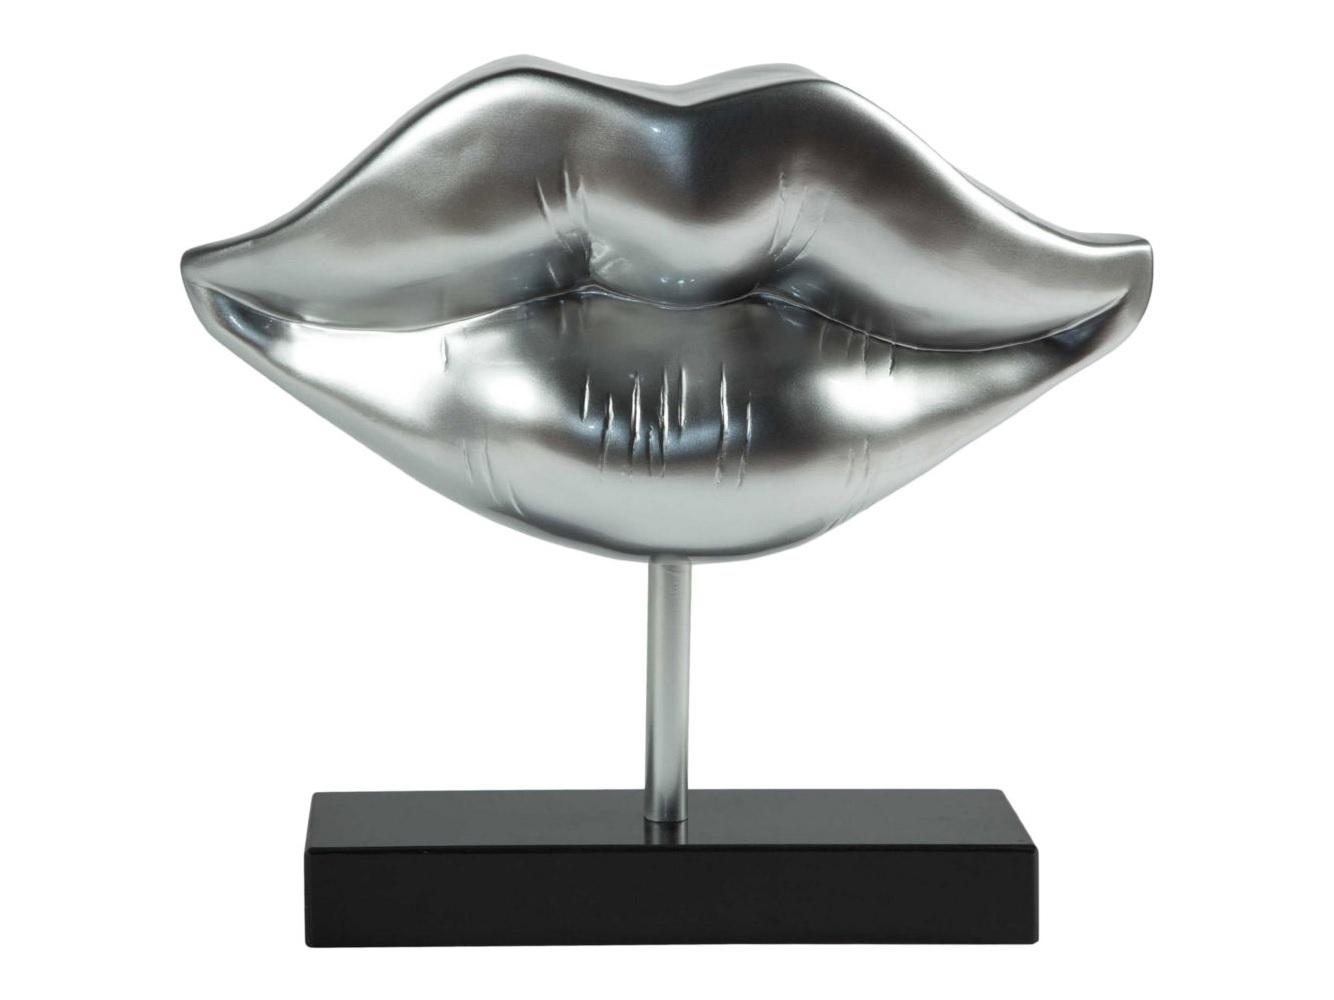 Декор Salvador's lipsСтатуэтки<br>Дизайн, созданный великим провокатором Дали или губы несравненной Мерлин Монро – каждый обязательно увидит в этом декоре то, что ближе ему по духу. Все, что остается сделать вам – осмелиться поместить в свой интерьер этот яркий символ эпохи эпатажа и зарождения гламура, и у Вас всегда будет тема для беседы даже с мало знакомым гостем.<br><br>kit: None<br>gender: None